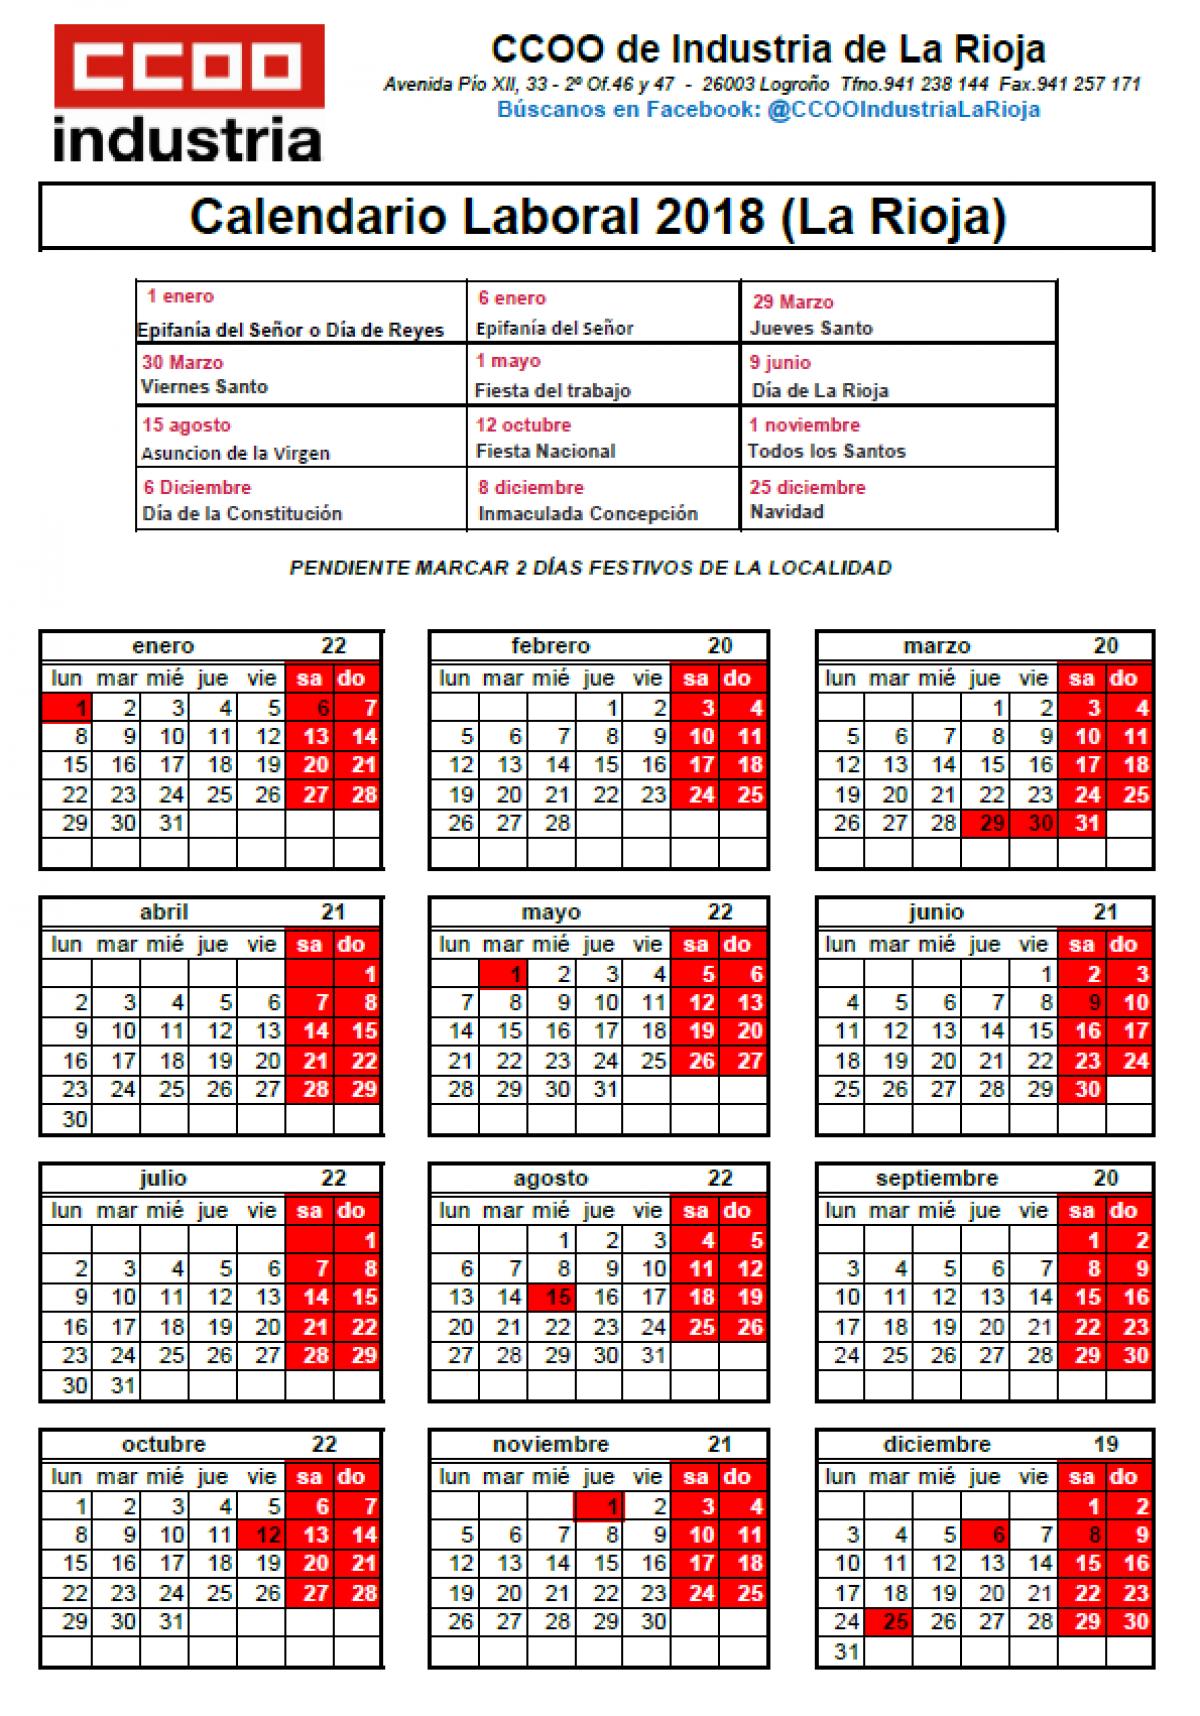 Calendario Laboral Valladolid.Ccoo De Industria